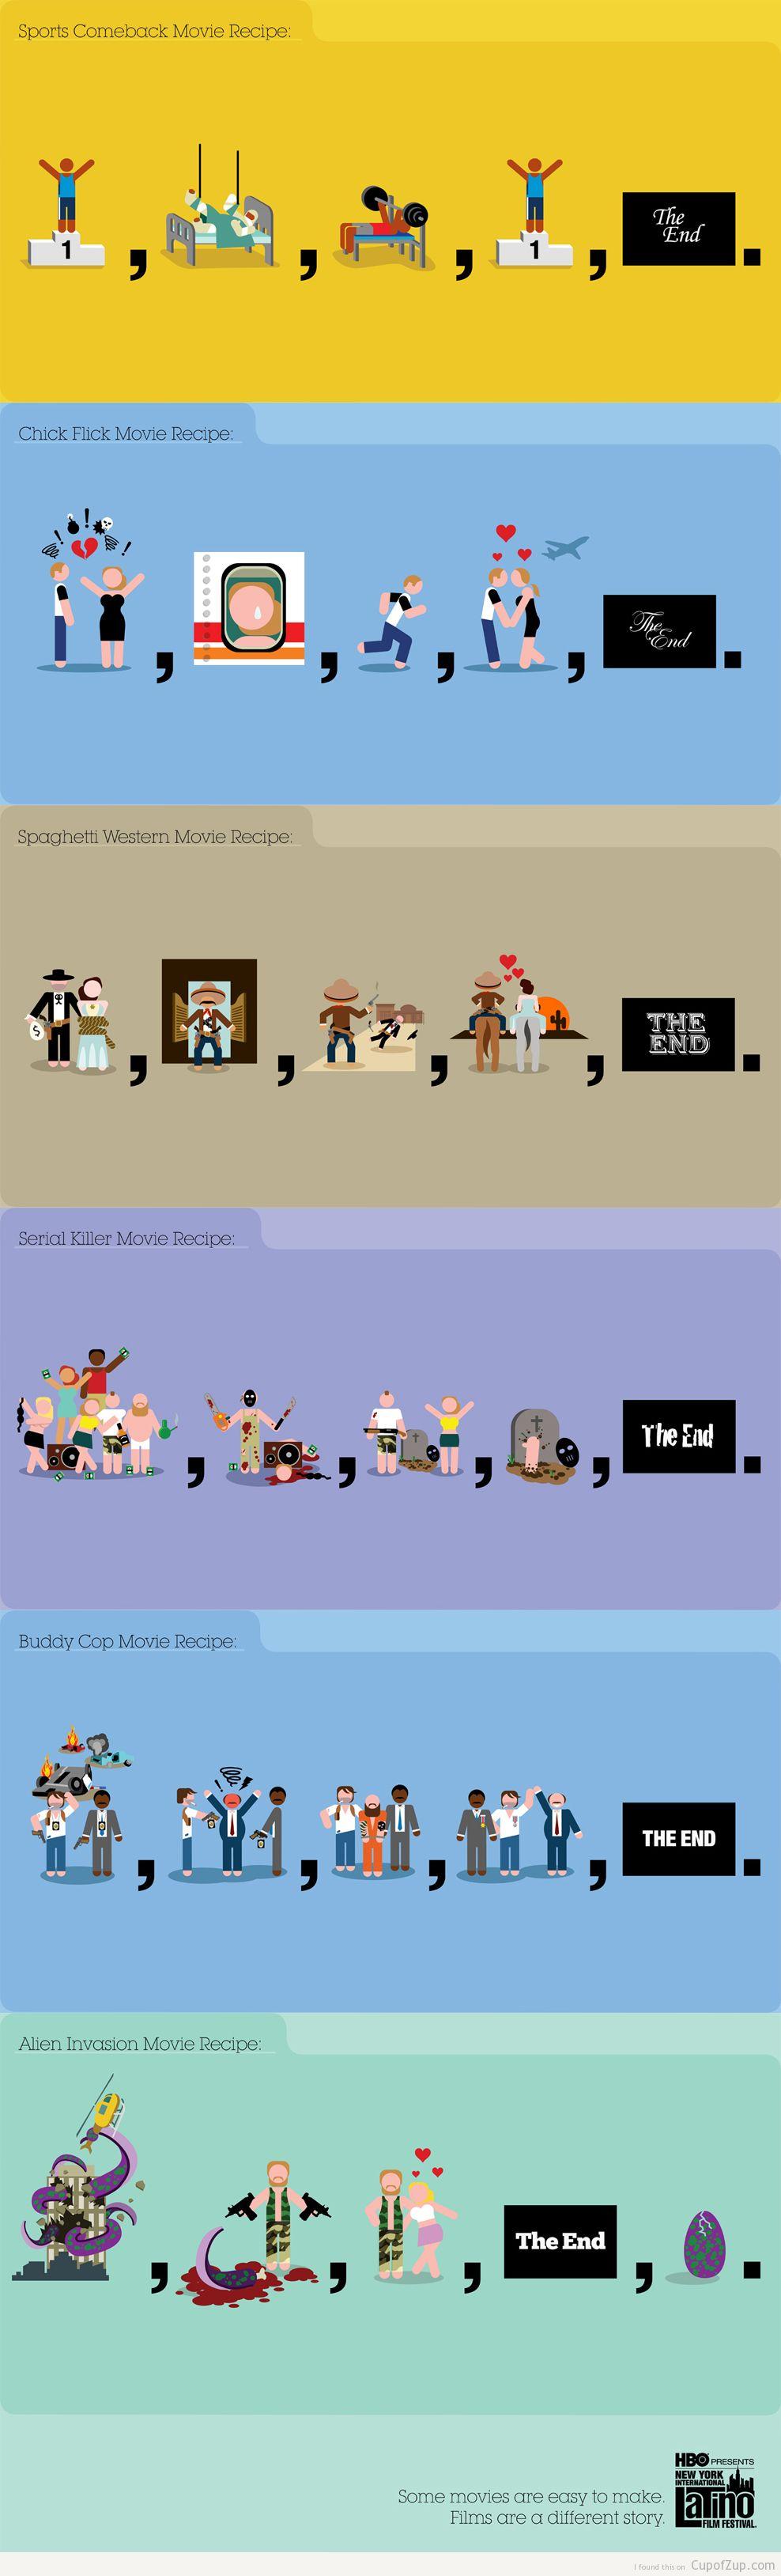 Image Recettes de films